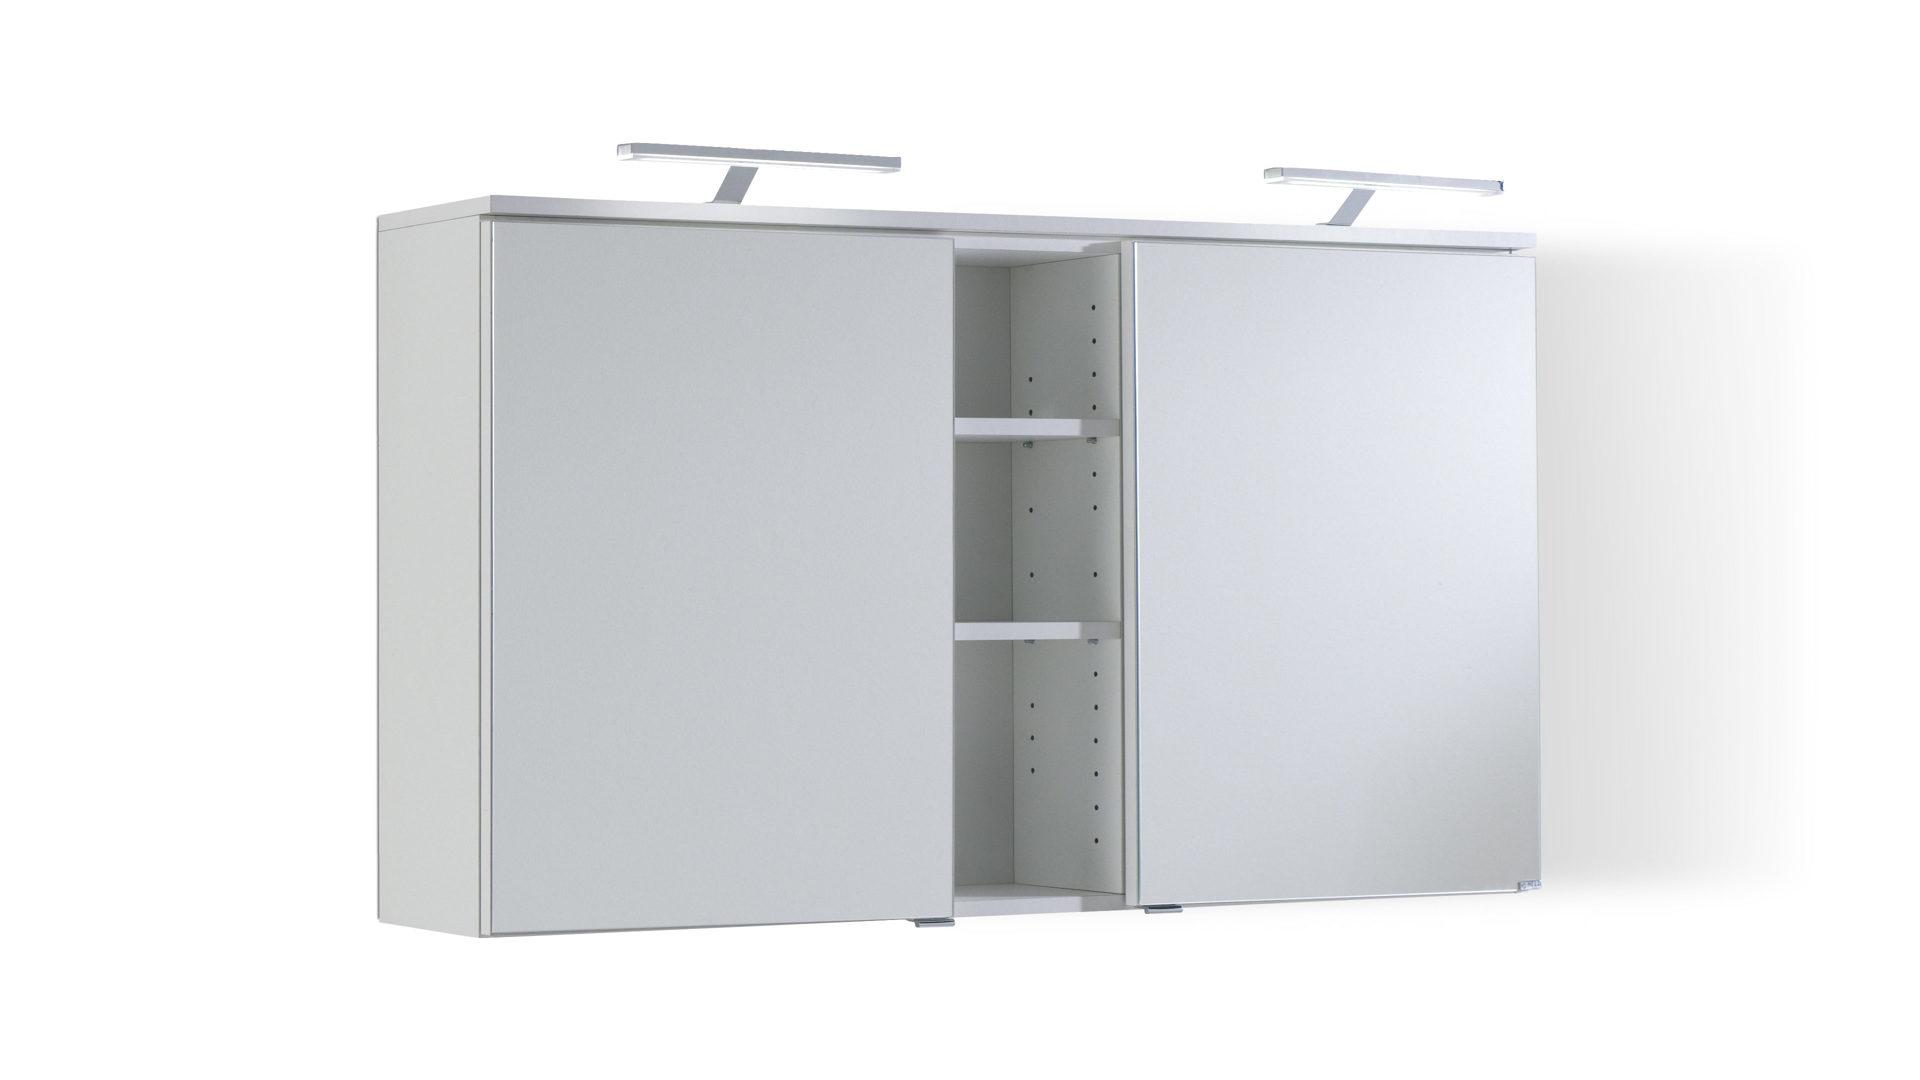 Badezimmerschrank günstig  Badezimmerschränke Tiefe 20 Cm: Best 25 regal für bad ideas on ...